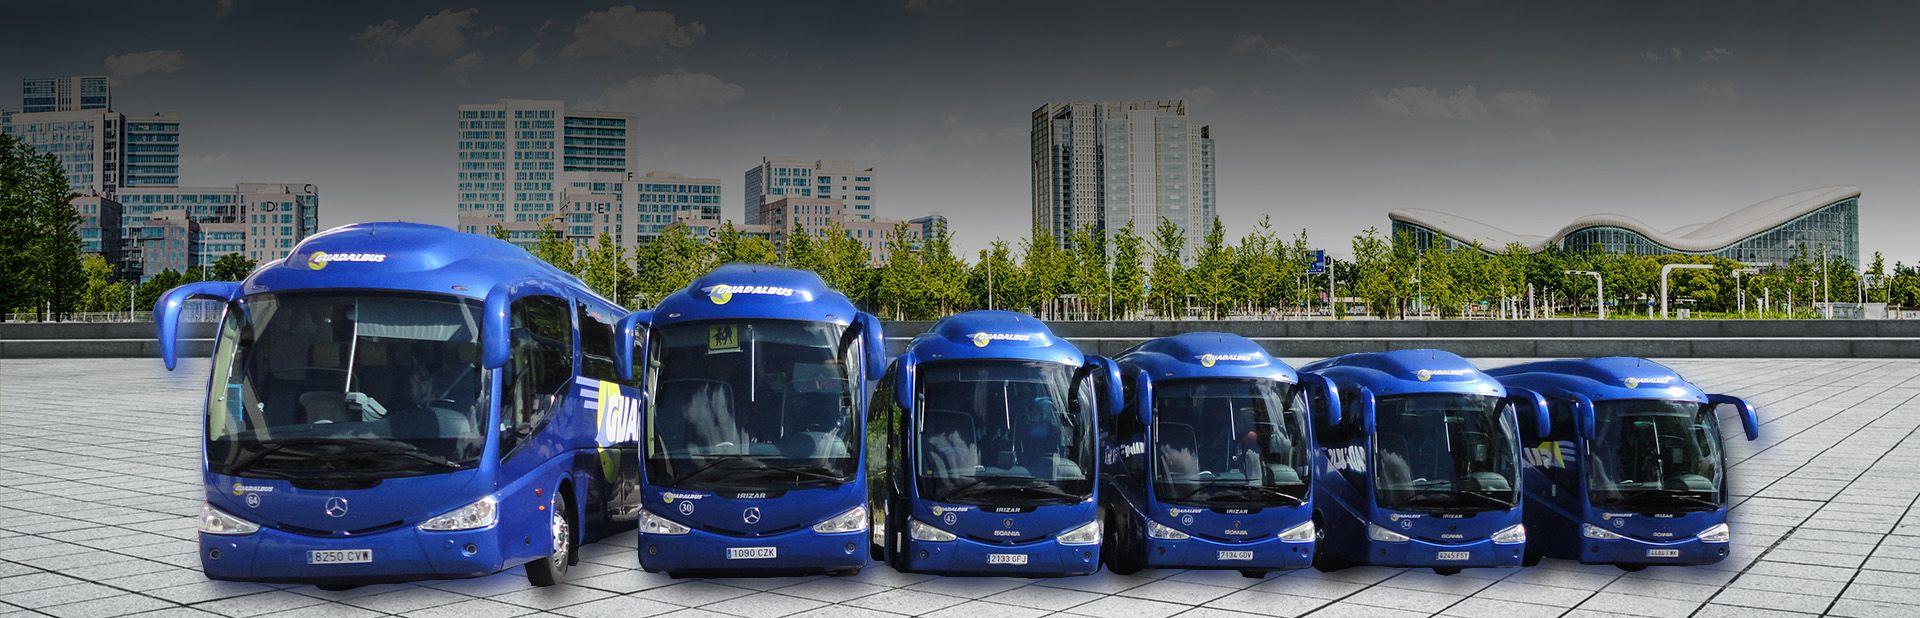 La flota de autobuses de Guadalbus